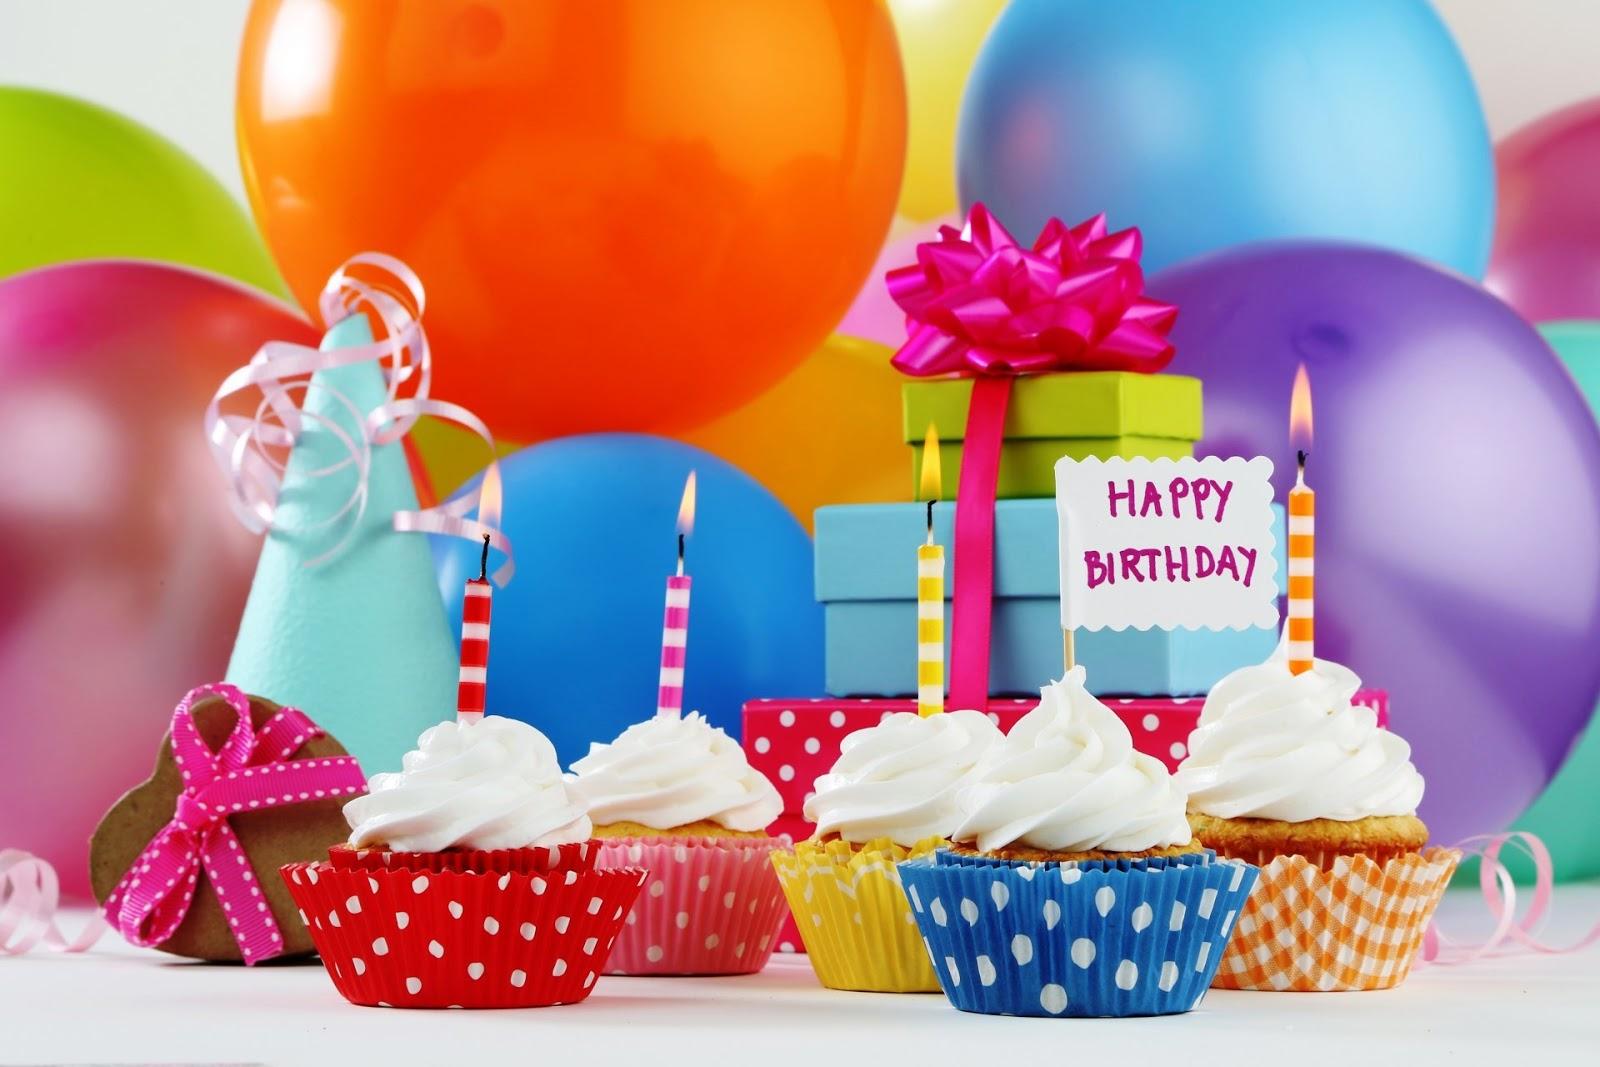 بالصور كلمات لعيد ميلاد حبيبي فيس بوك , ارق الكلمات لعيد ميلاد حبيبى على الفيس بوك